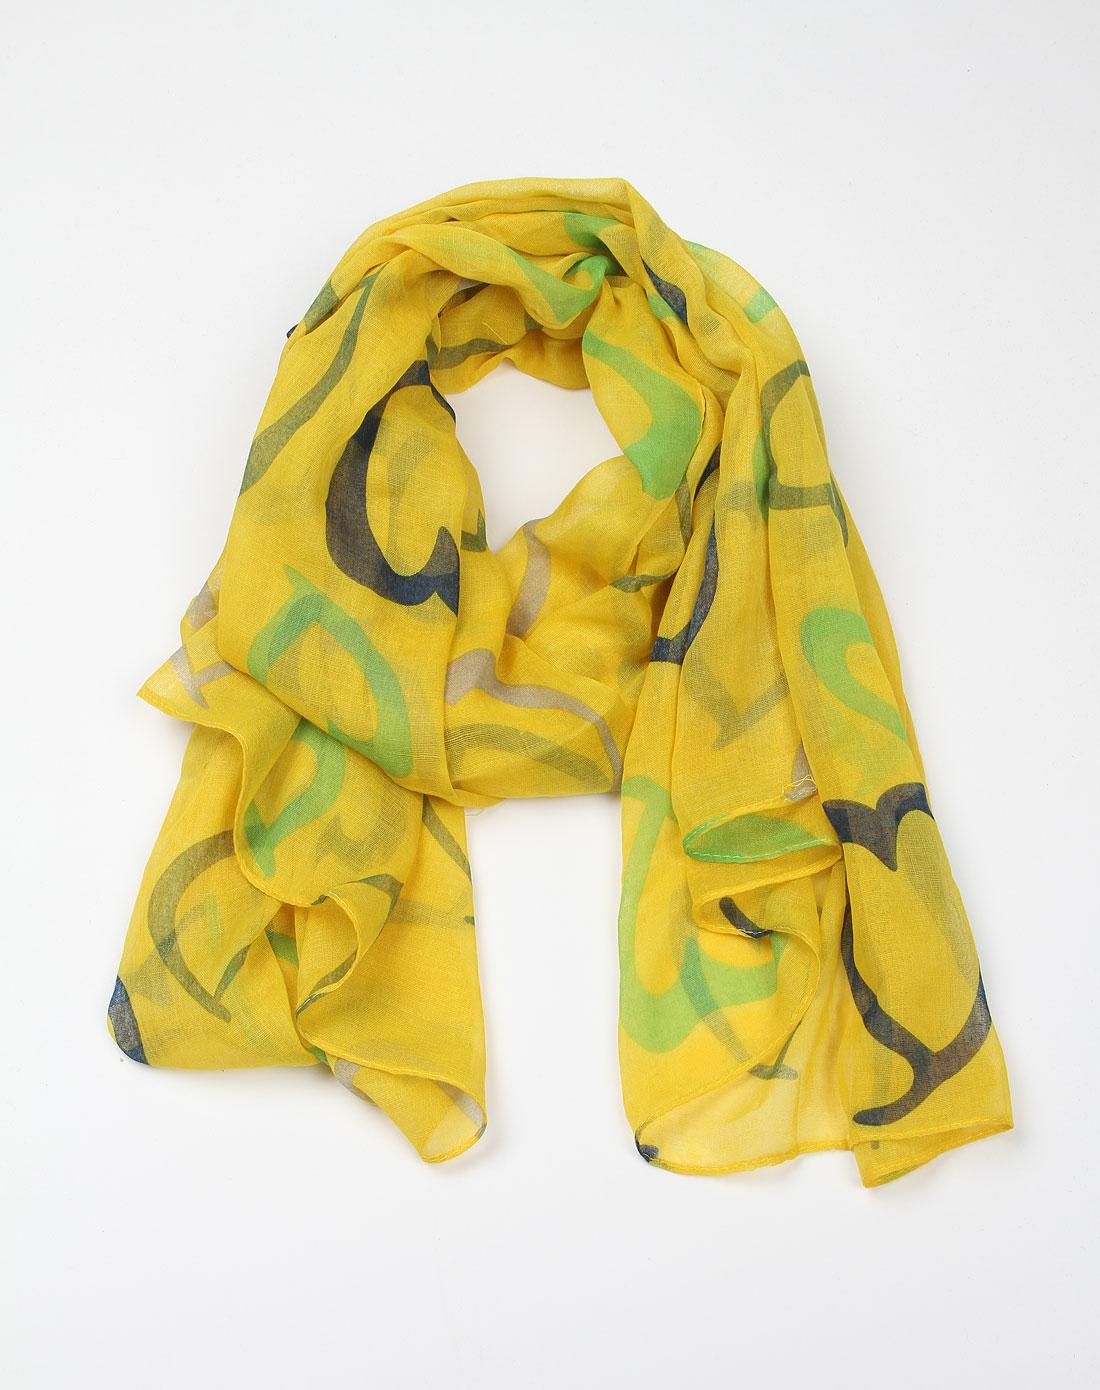 [ 嬷嬷茶 ] 黄色心形围巾图片